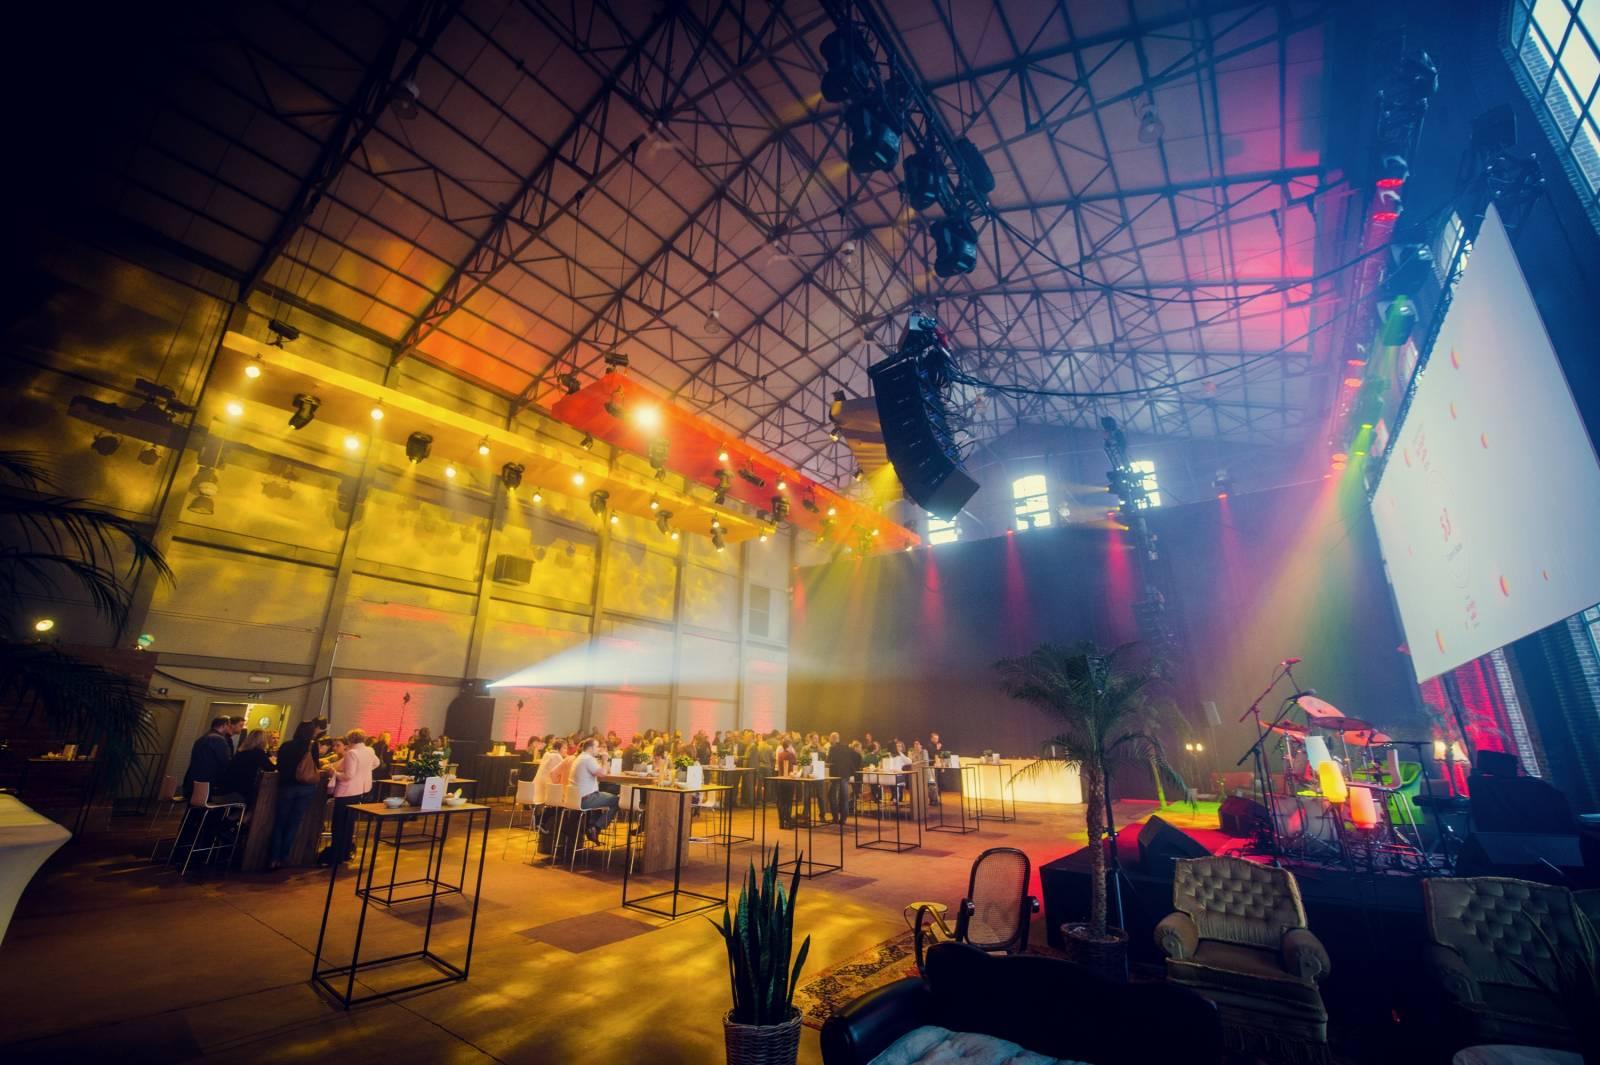 Hangar 43 - Feestzaal - Feestlocatie - Industrieel - Dendermonde (Antwerpen) - House of Events - 2